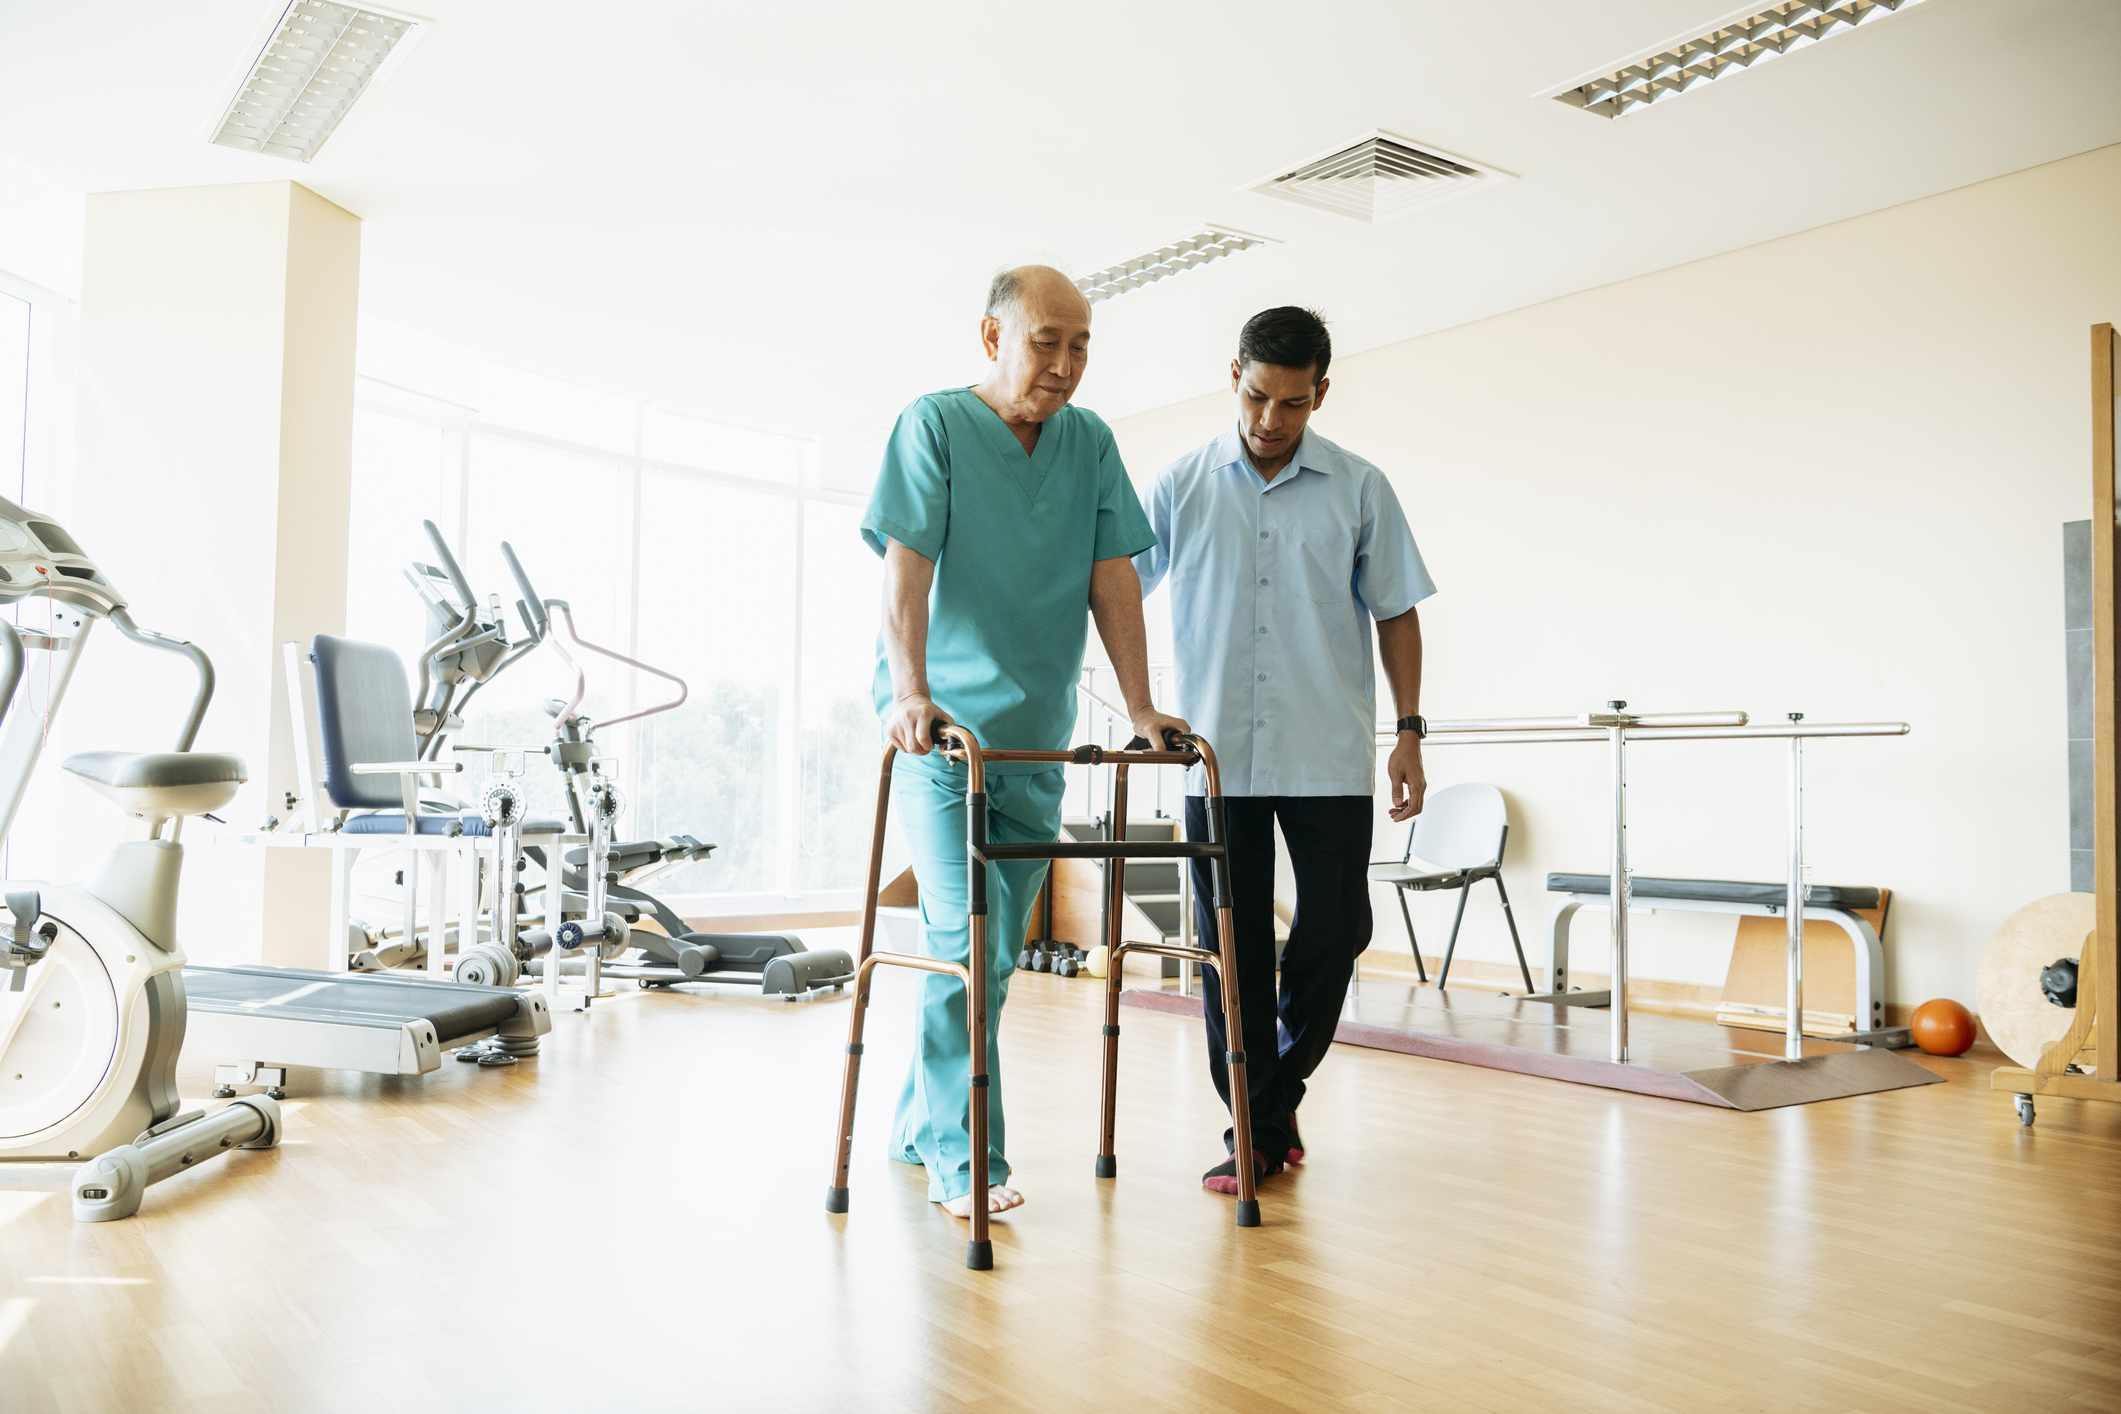 Four Phases of Cardiac Rehabilitation